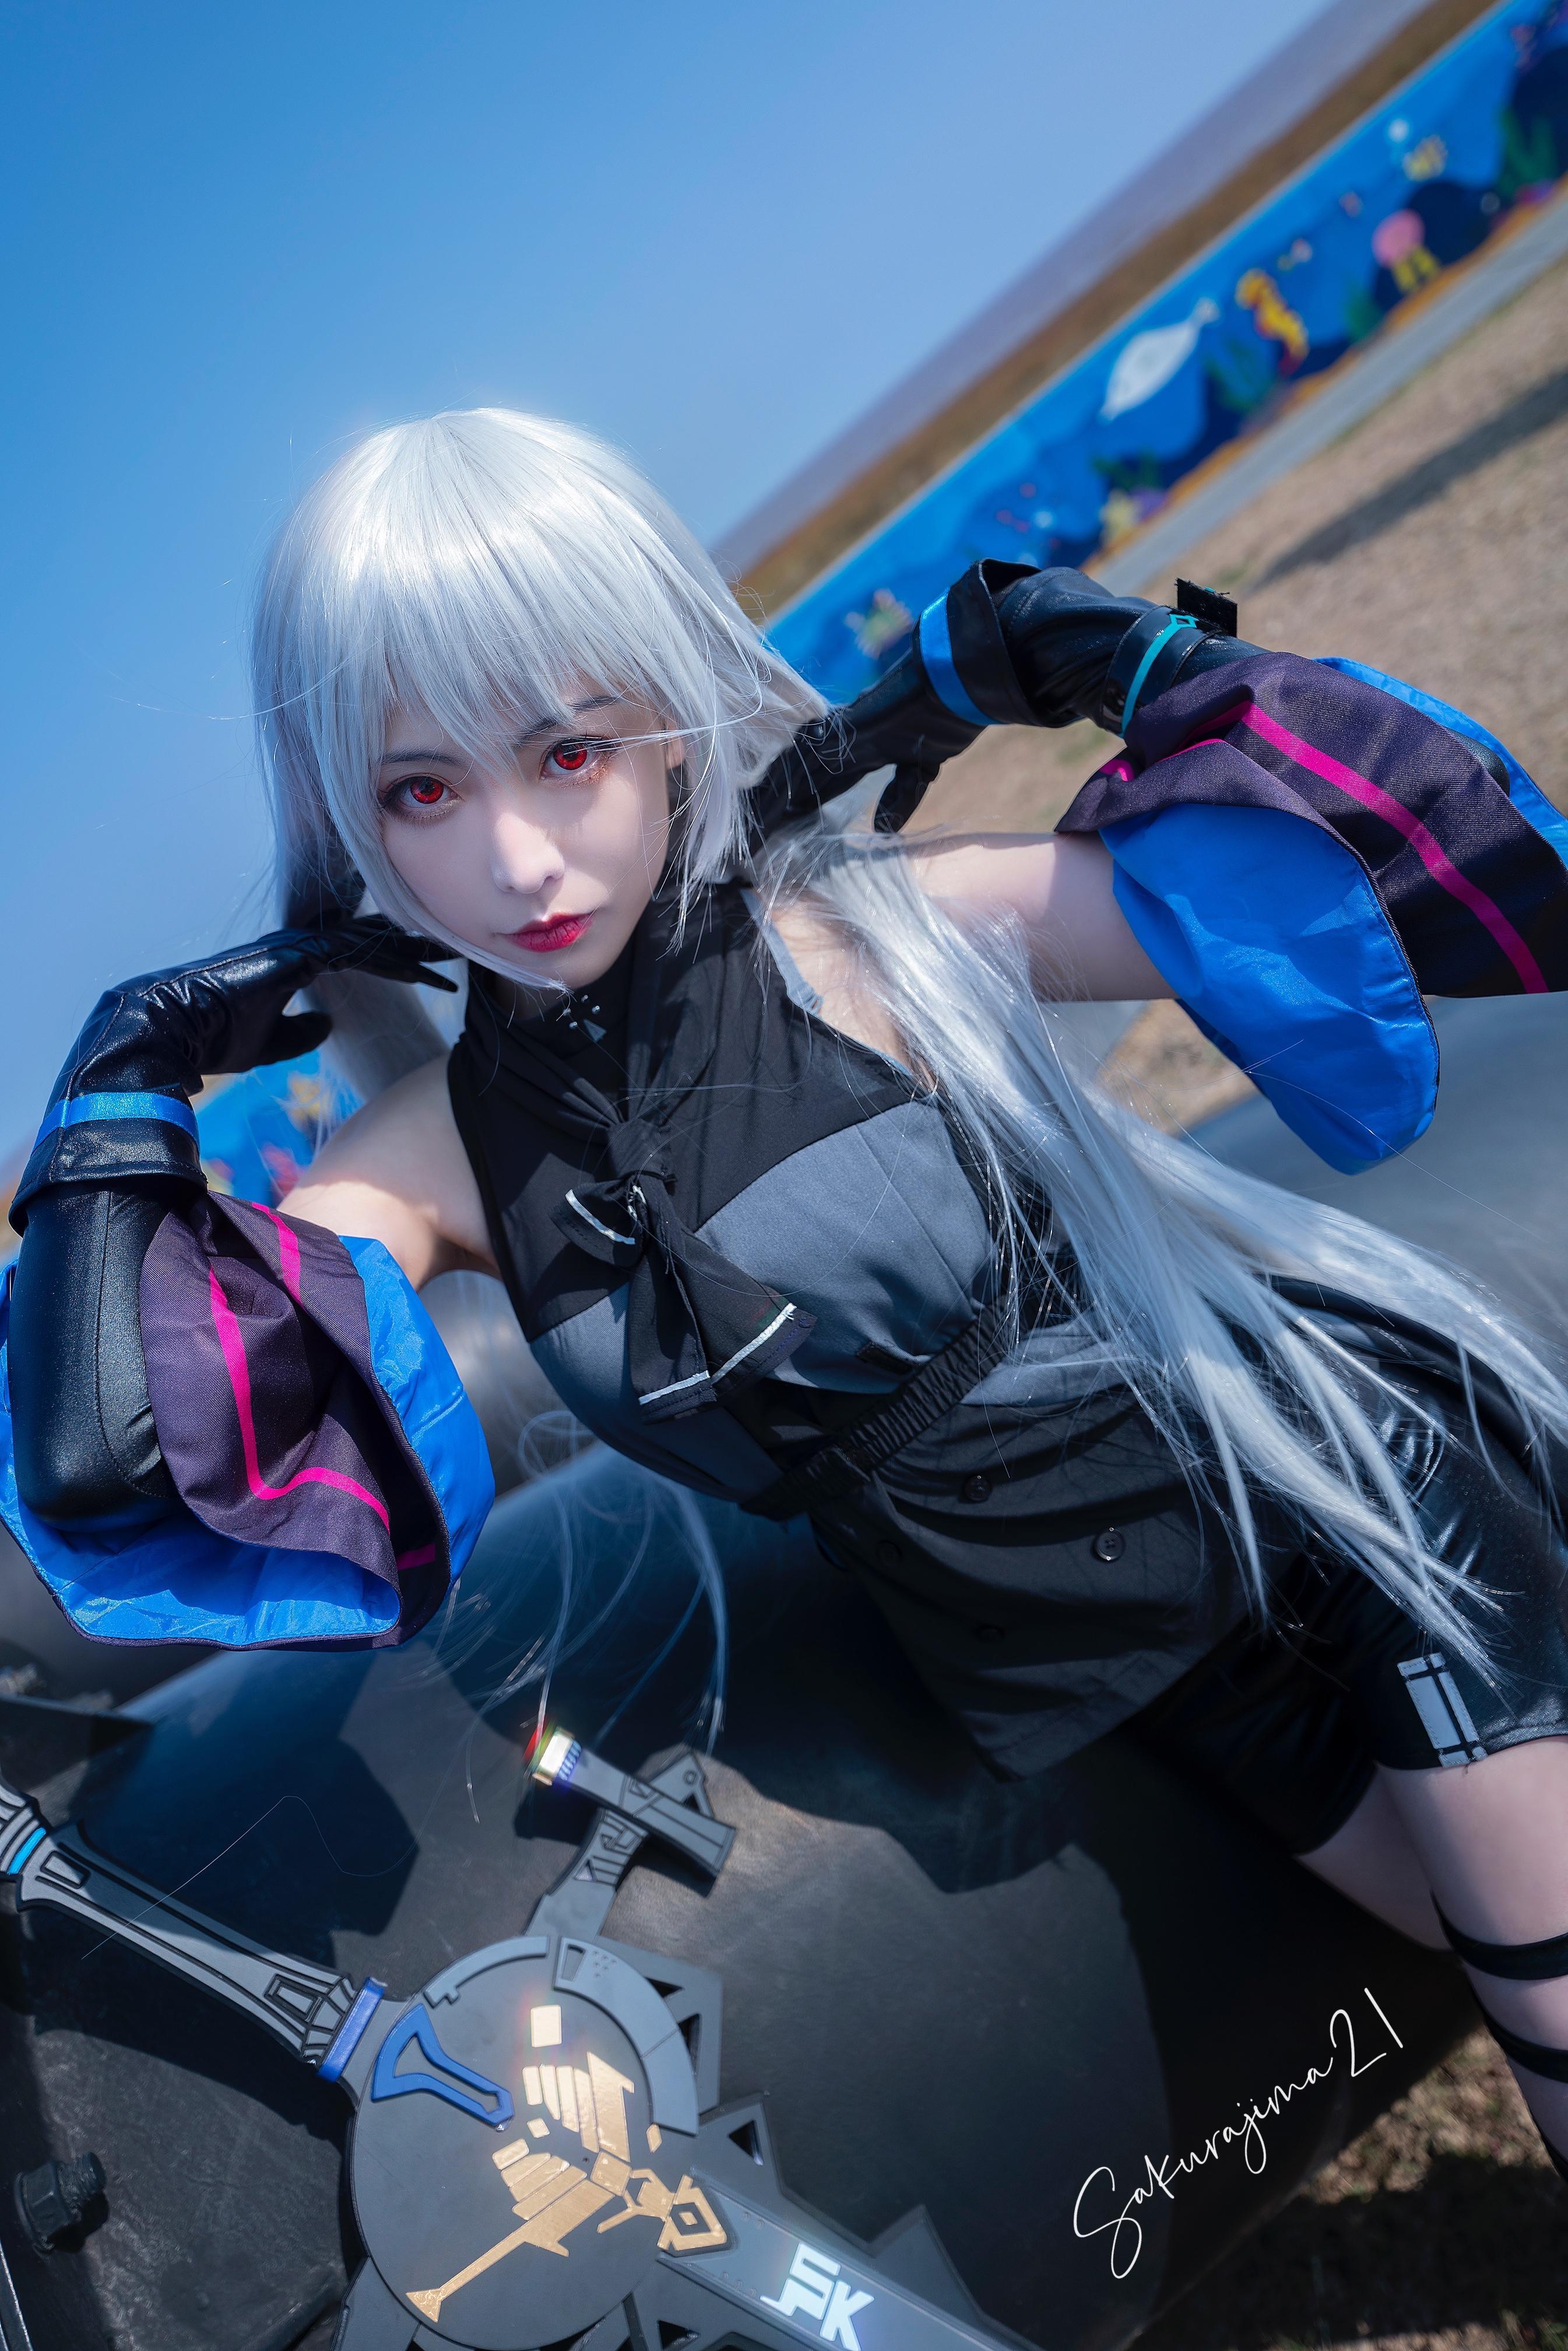 《明日方舟》正片cosplay【CN:樱岛嗷一】-第13张